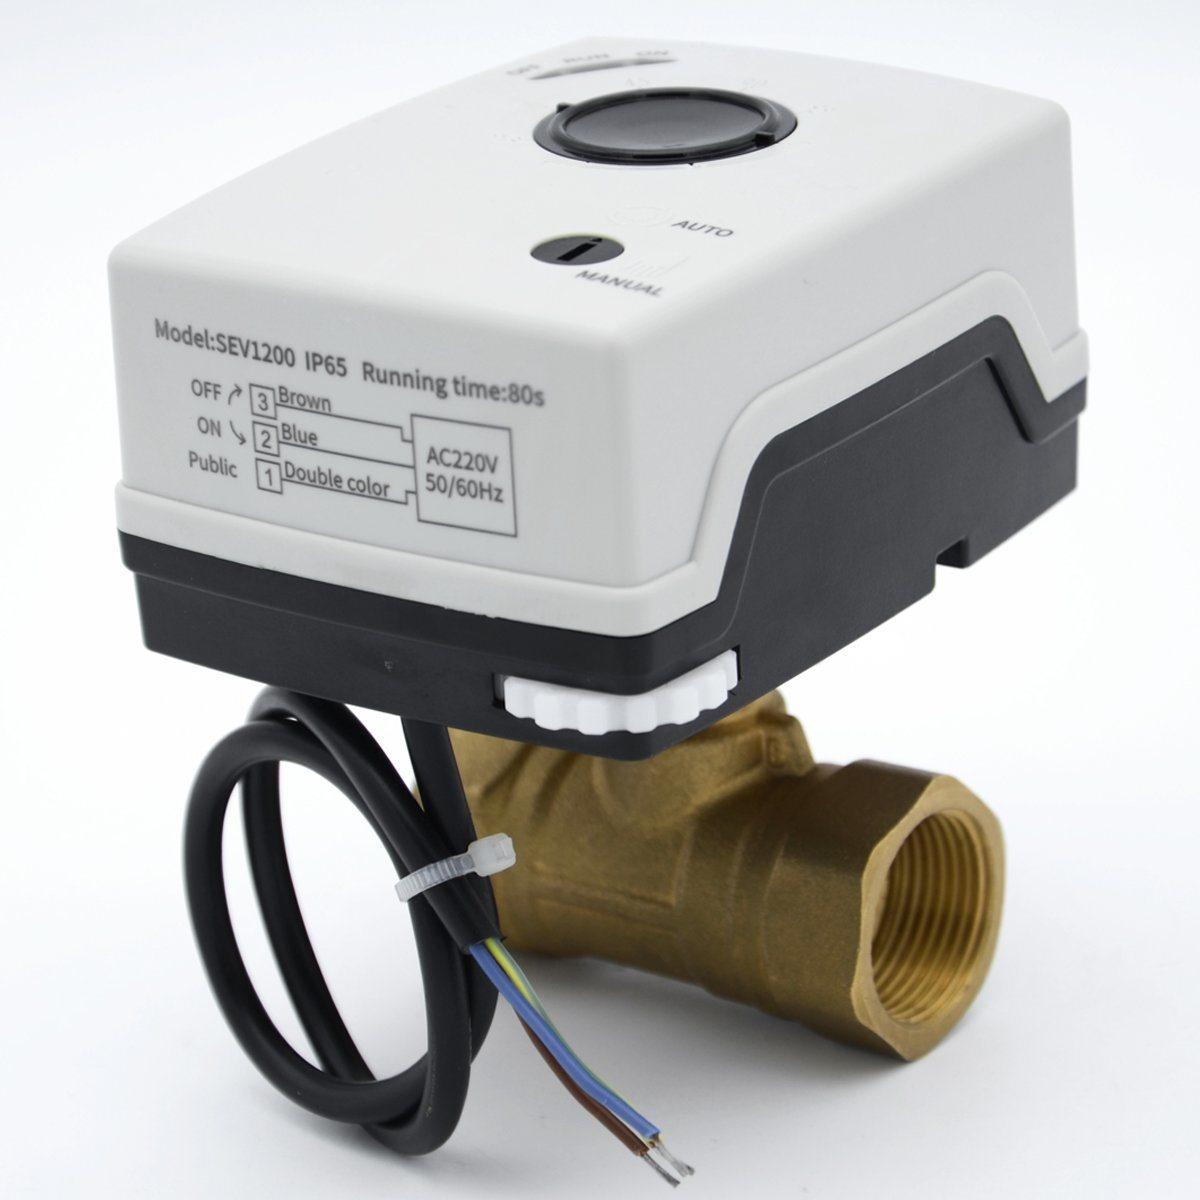 صمام أمان بالمحرّن الكهربائي DN25 ذو اتجاهين، ذو اتجاهين، سيف1200